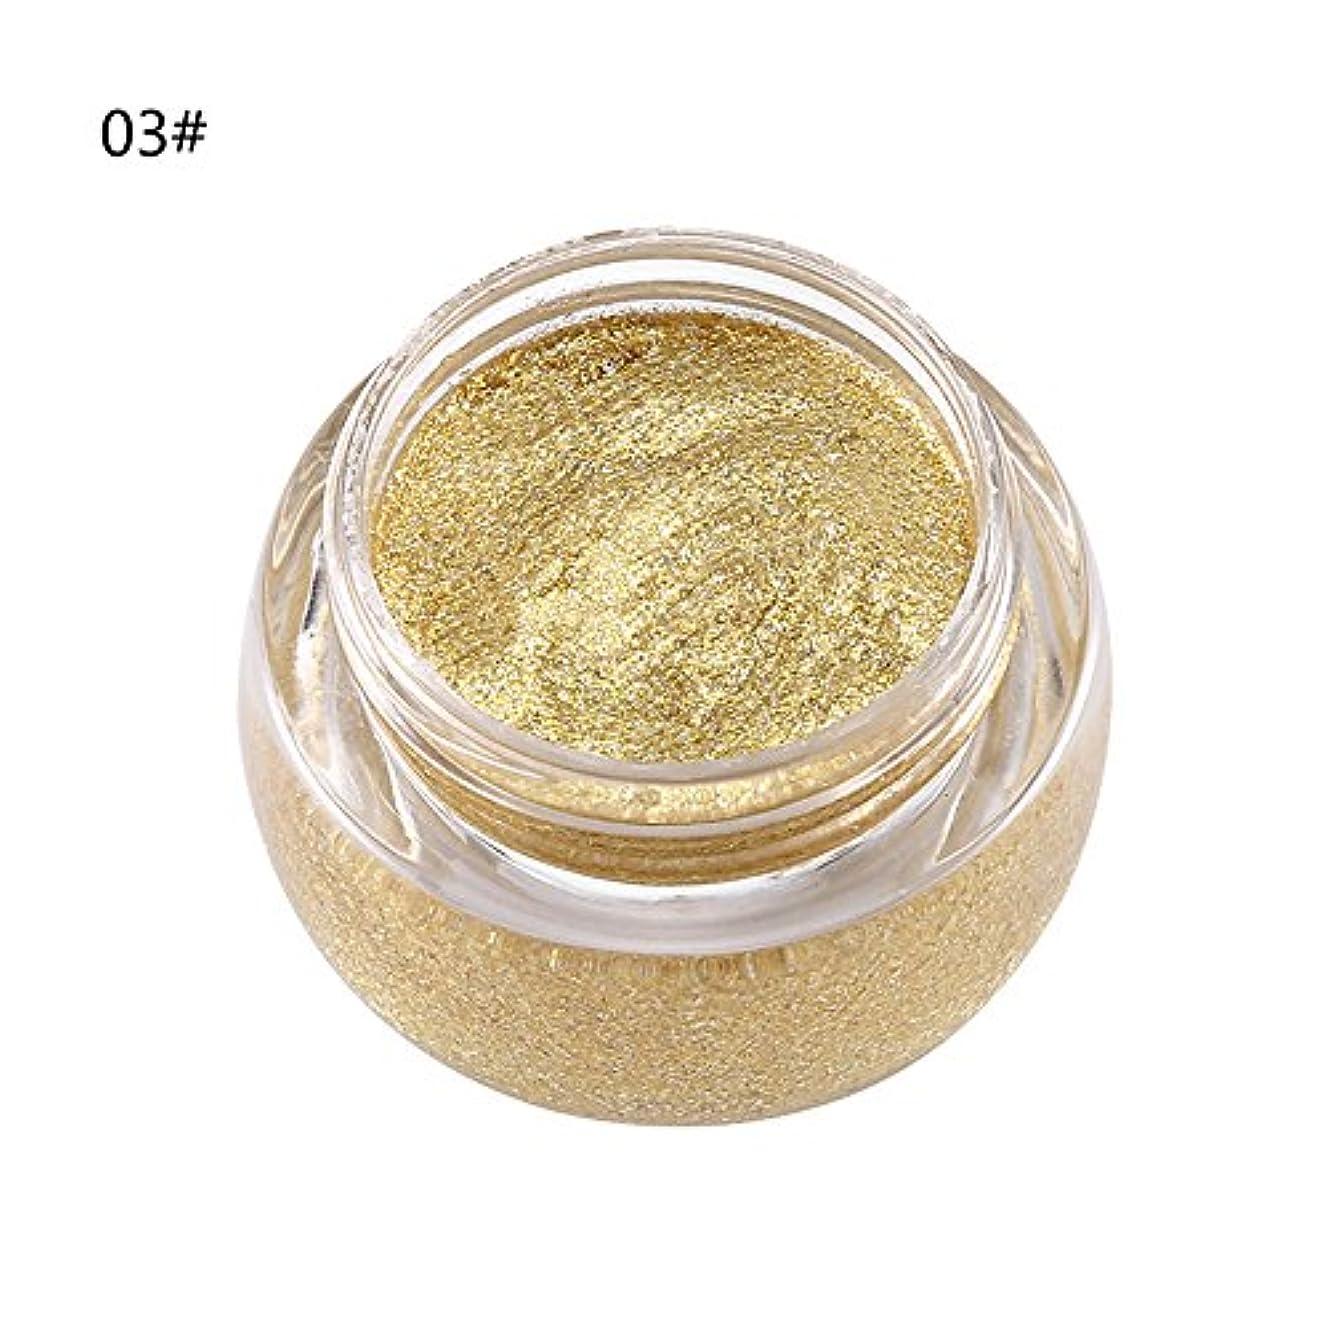 同意する人工飢アイシャドウ 単色 化粧品 光沢 保湿 キラキラ 美しい タイプ 03